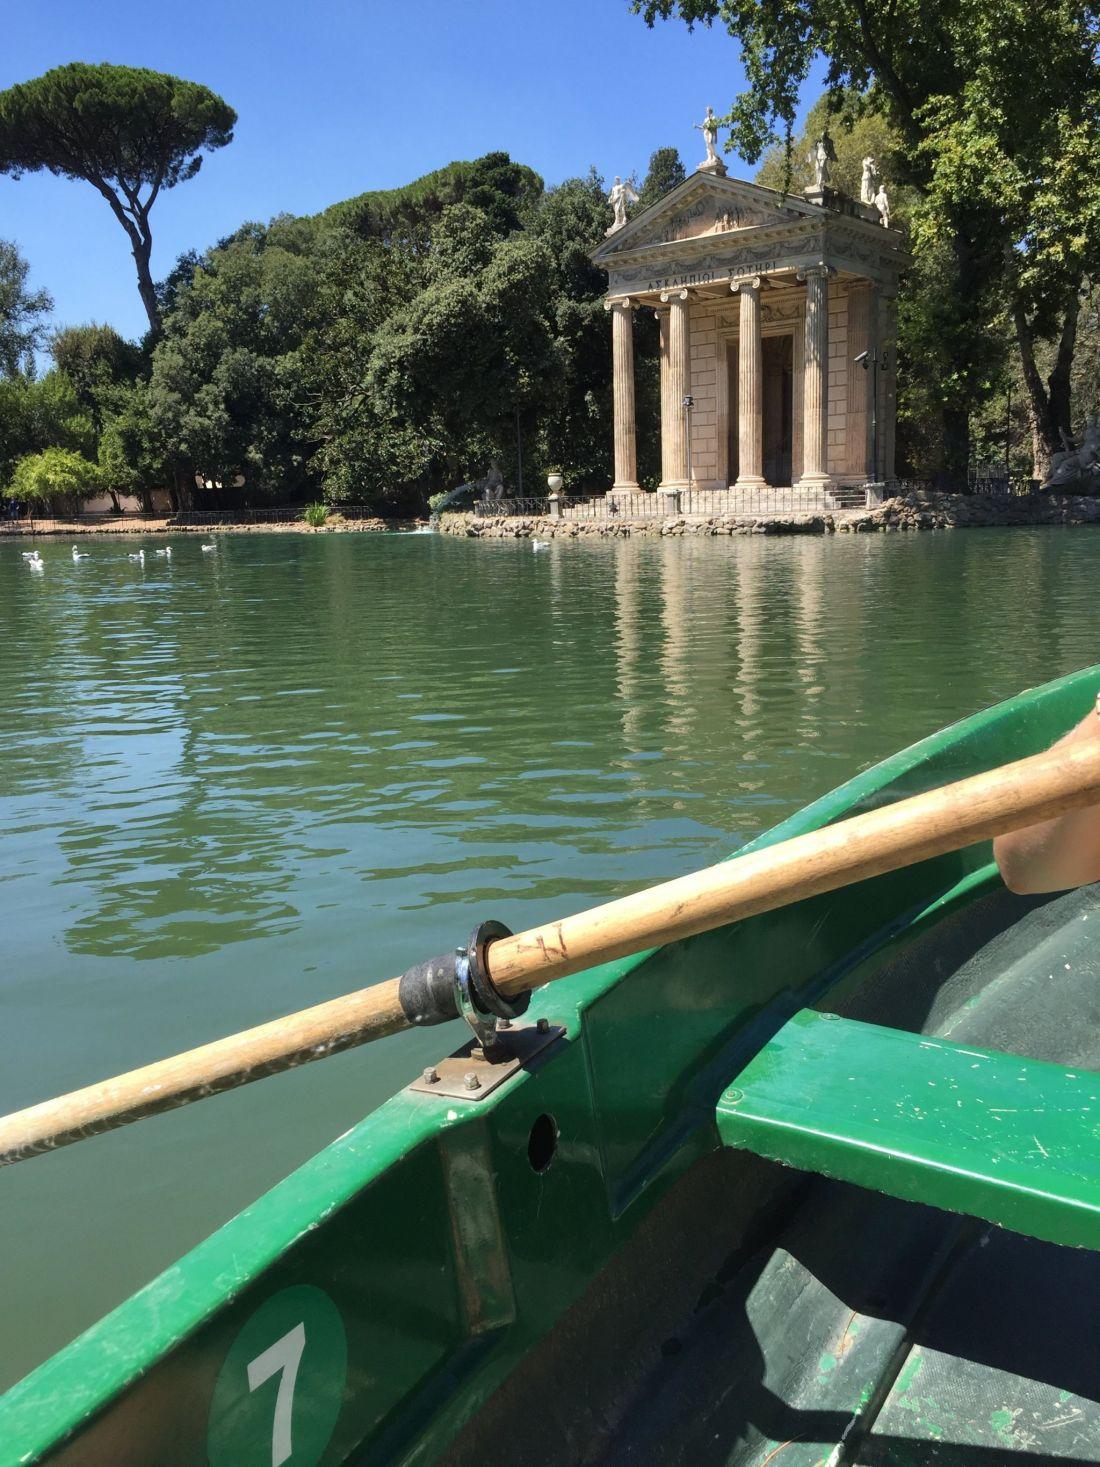 Rowing in Villa Borghese Gardens, Rome